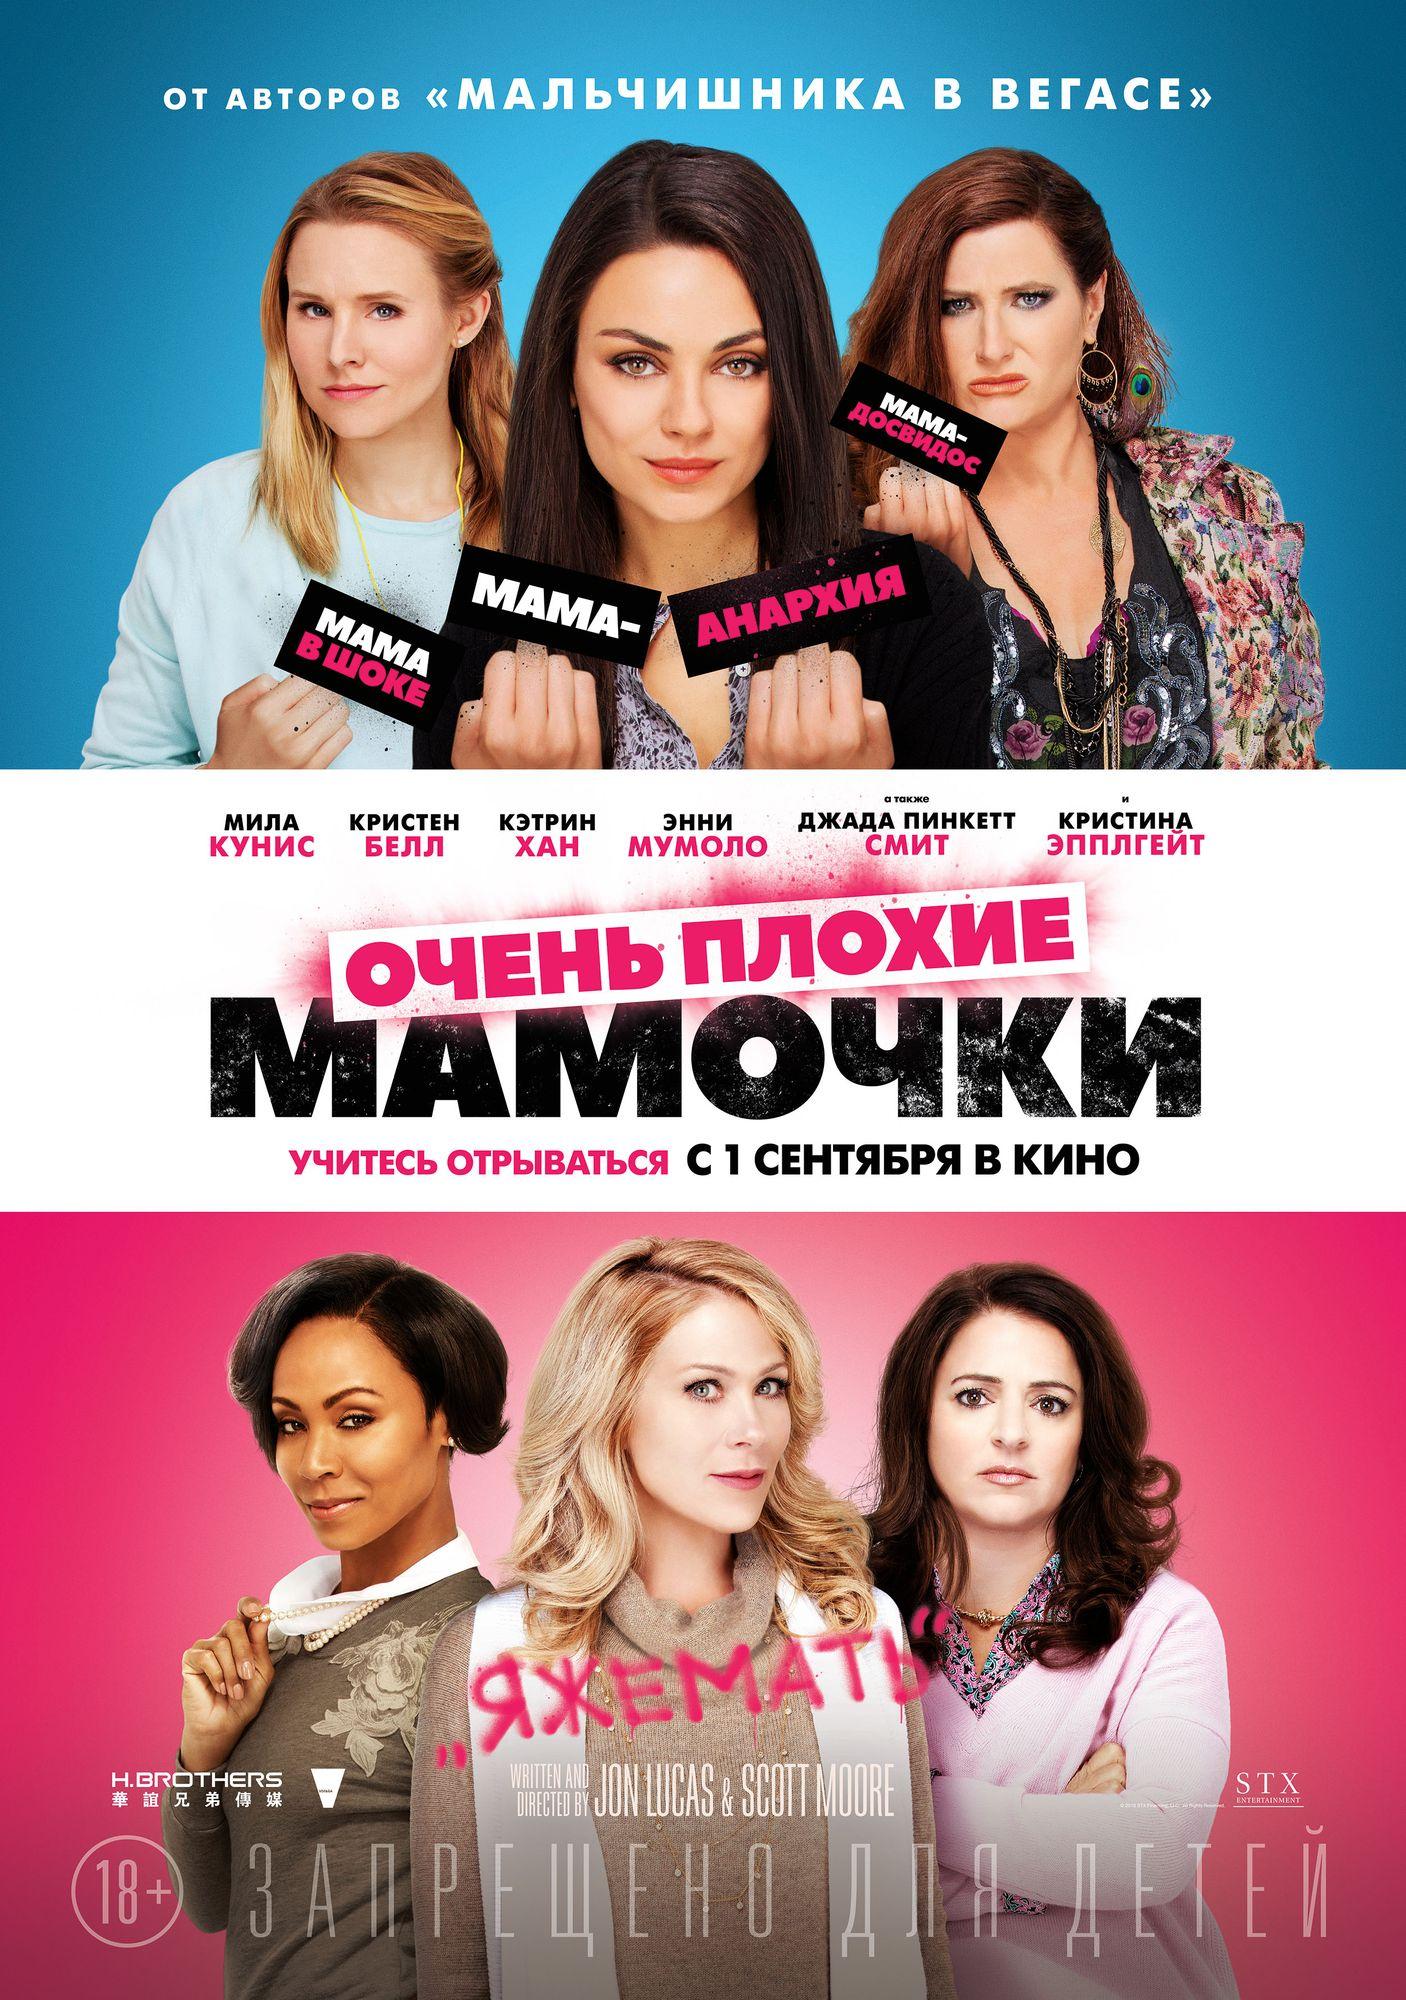 «Кино В Краснотурьинске Афиша» — 2012